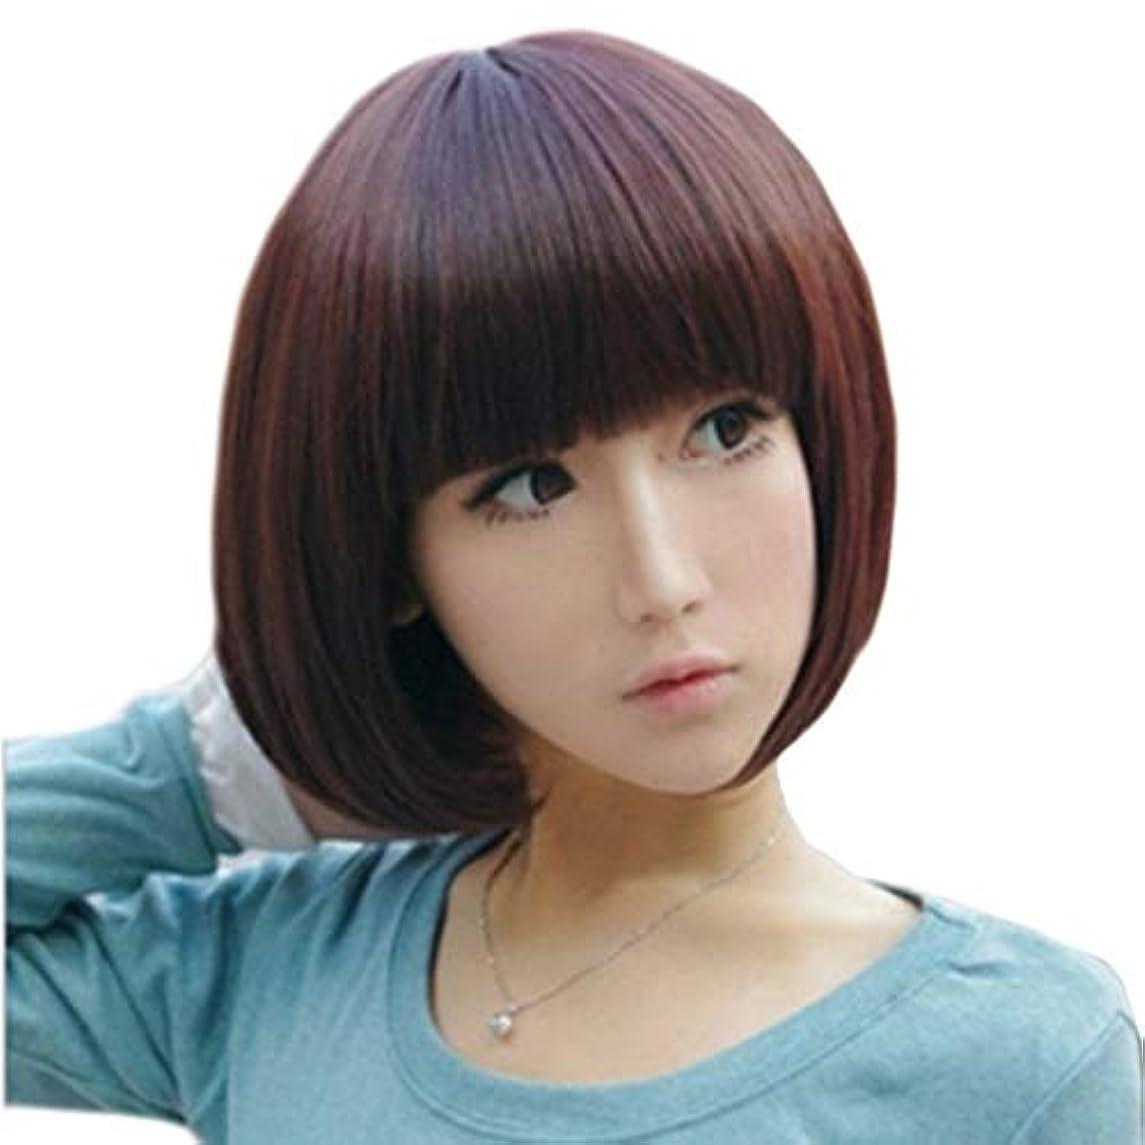 九かすかな合理化Summerys 本物の髪のように自然な女性のための平らな前髪でストレートショートボブの髪かつら